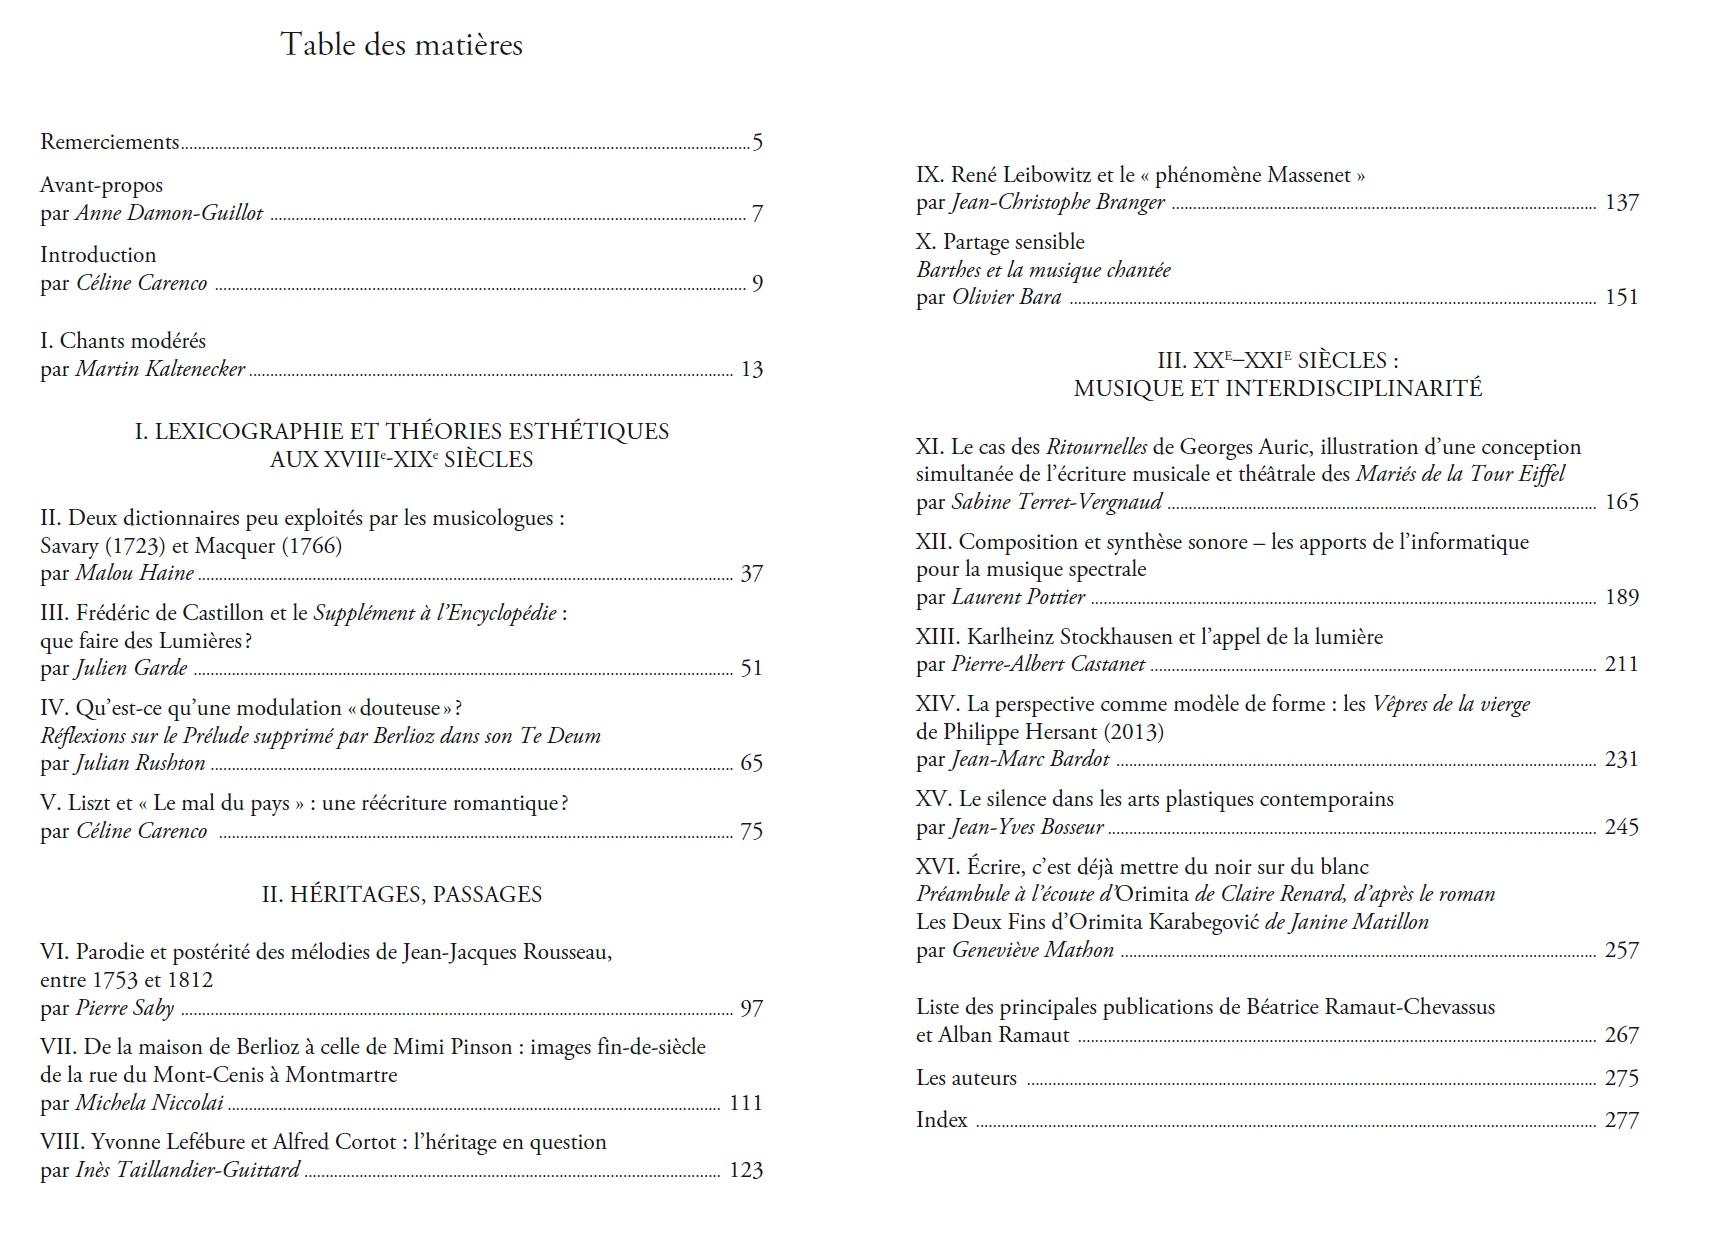 Parution : Une musicologie entre textes et arts. Hommages à Béatrice Ramaut-Chevassus et Alban Ramaut}